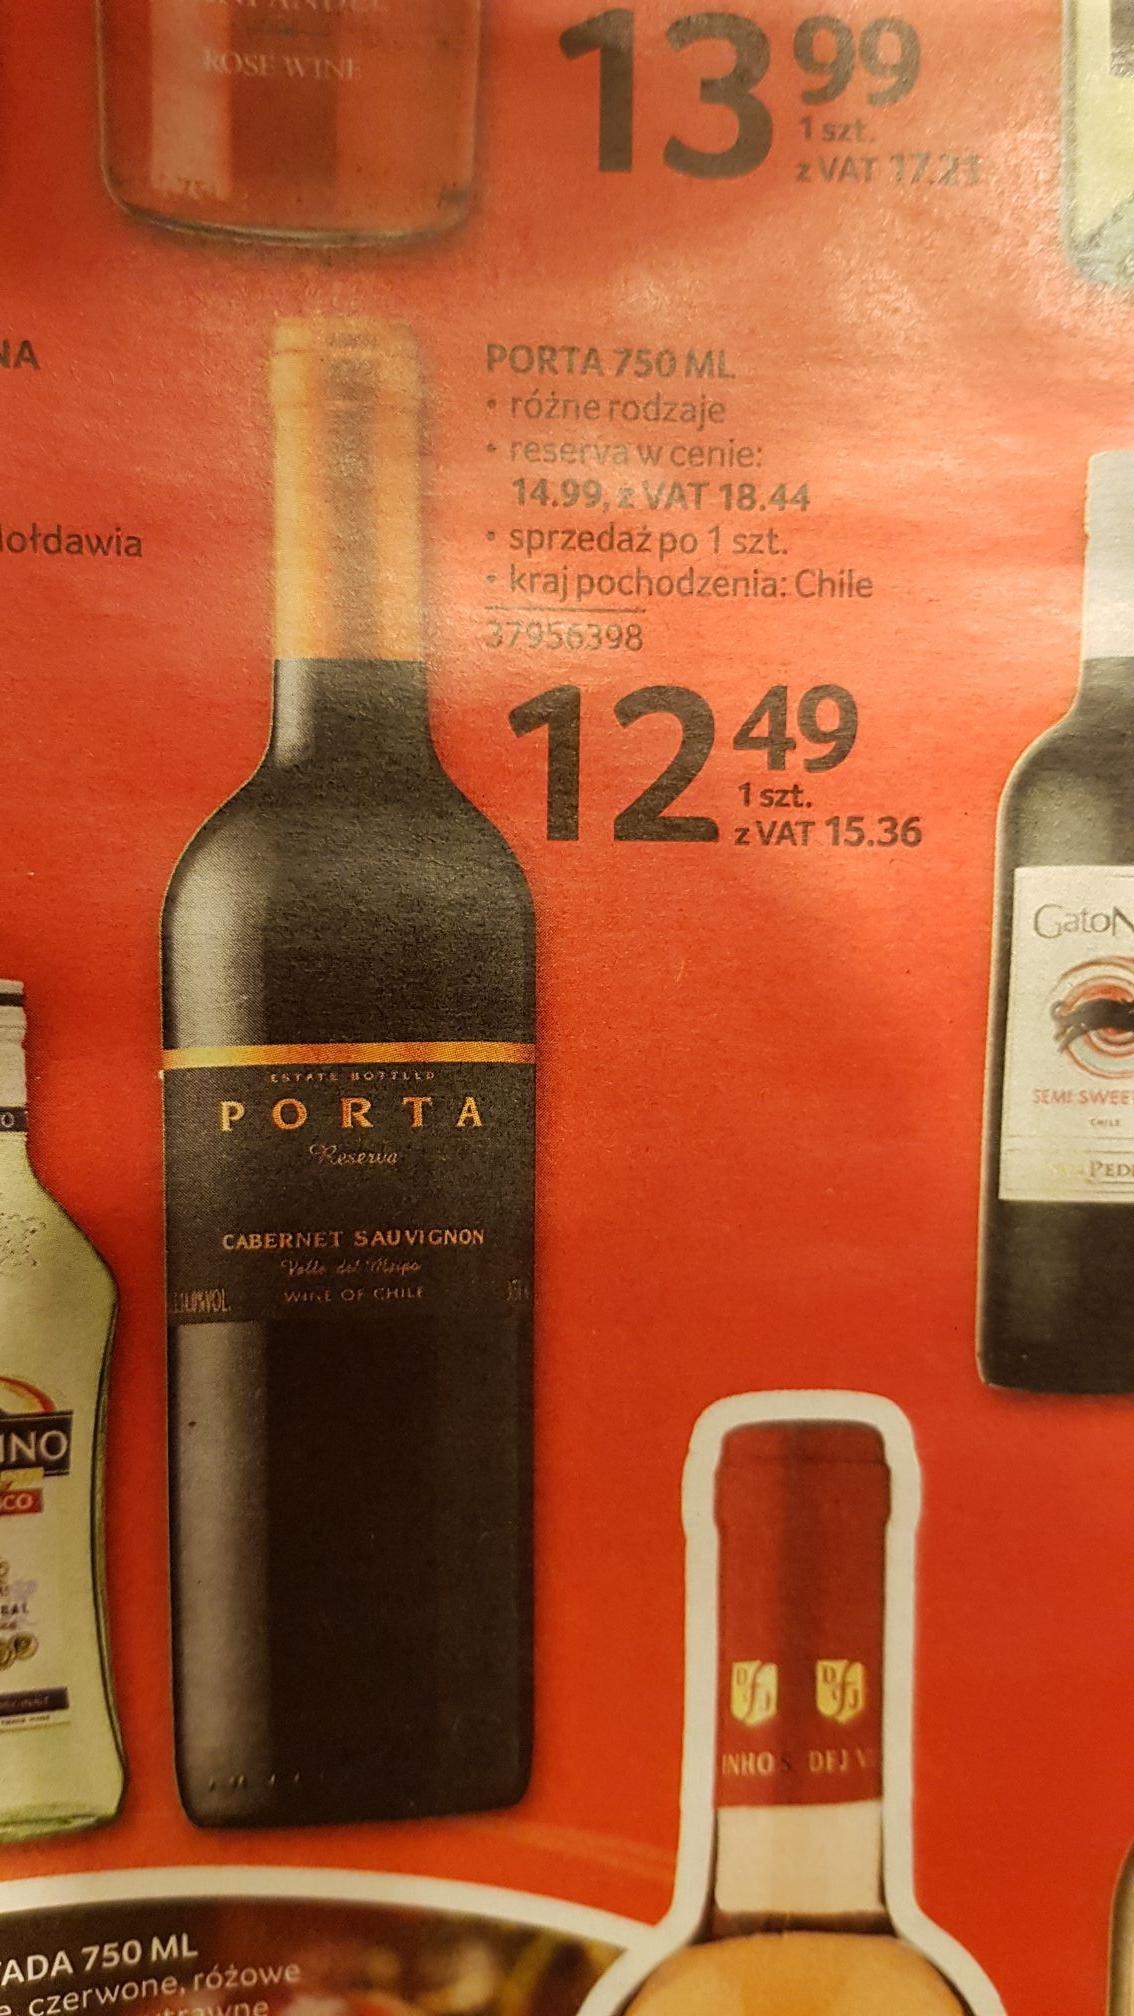 Wino porta reserva cabernet sauvignon